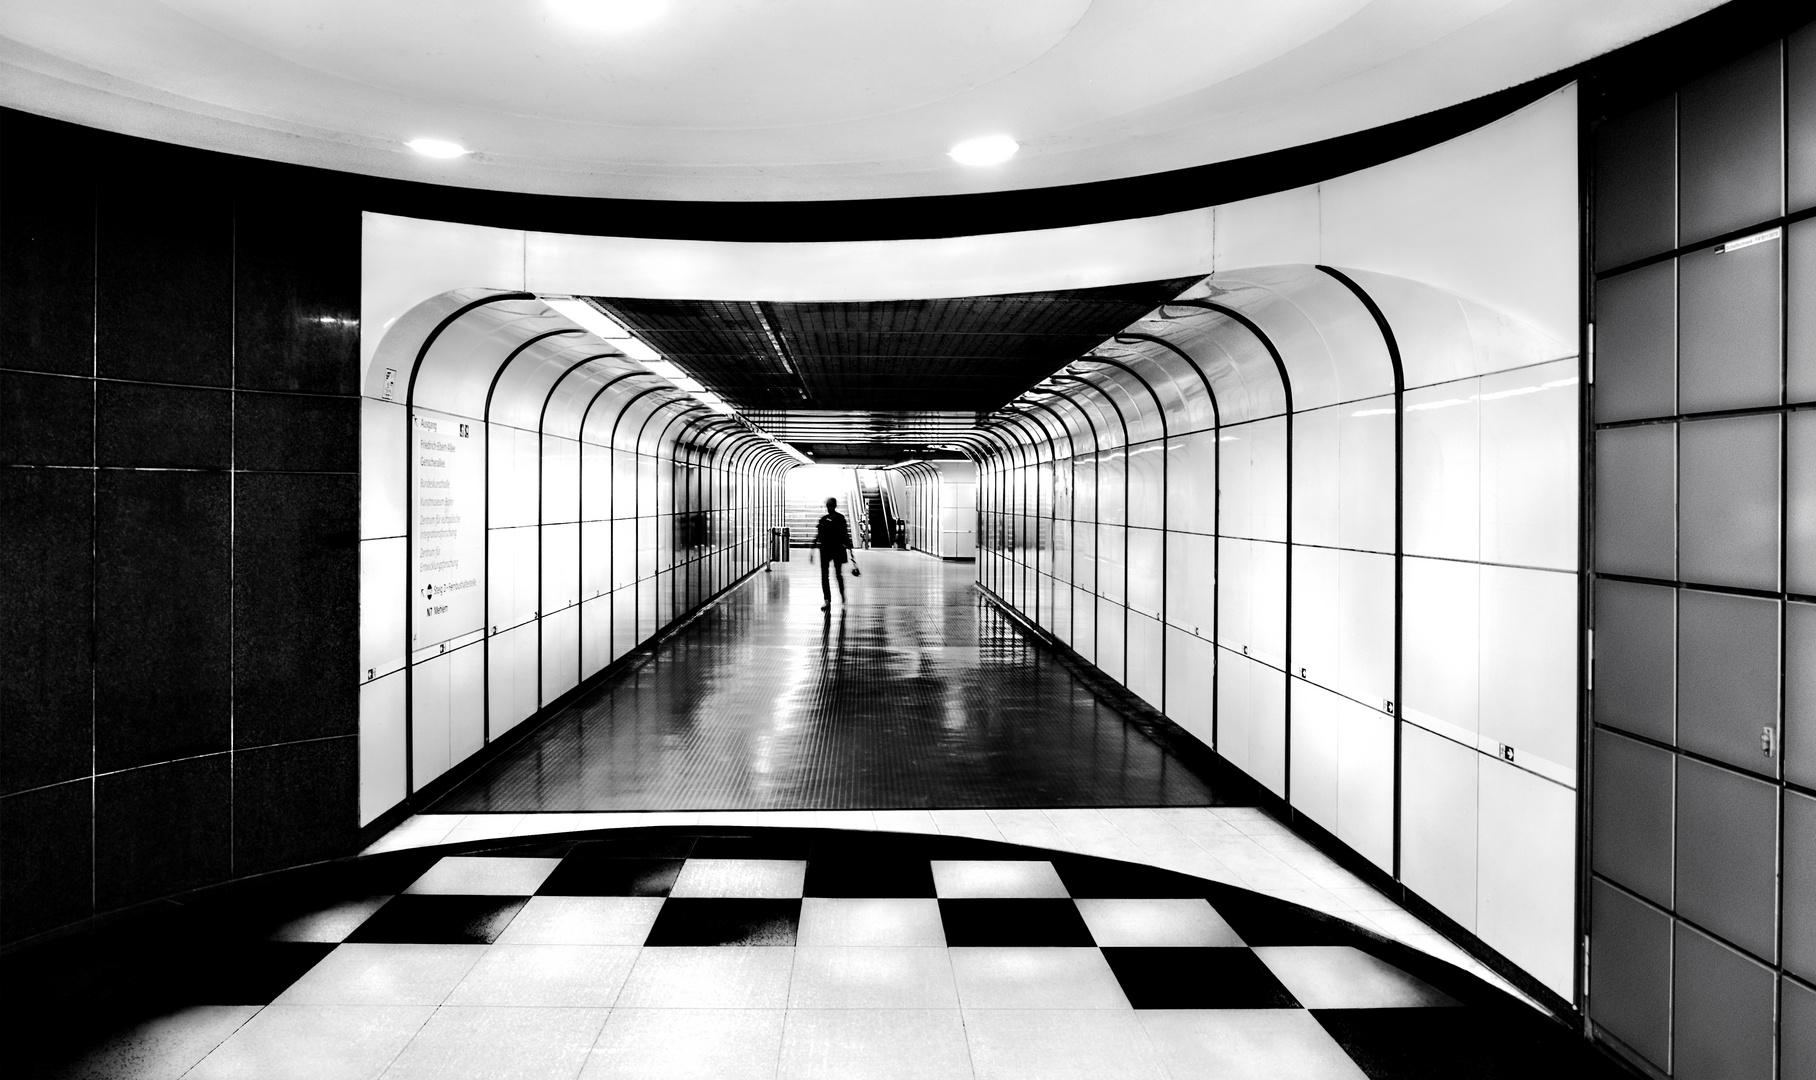 U-Bahn Durchgang